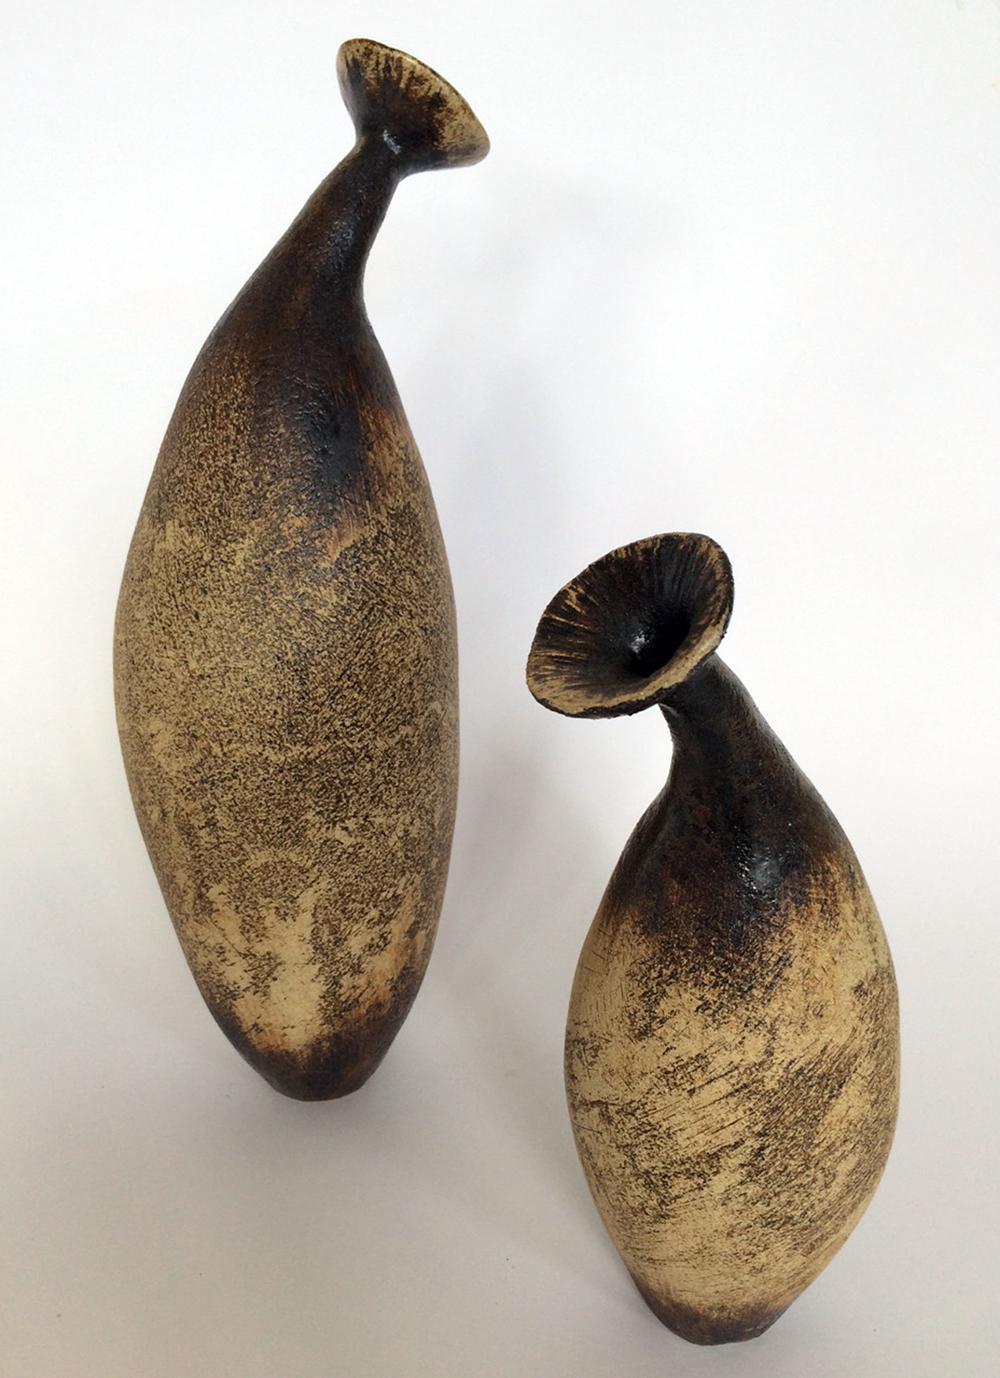 Image D stoneware vessel Julie O'Sullivan.jpg